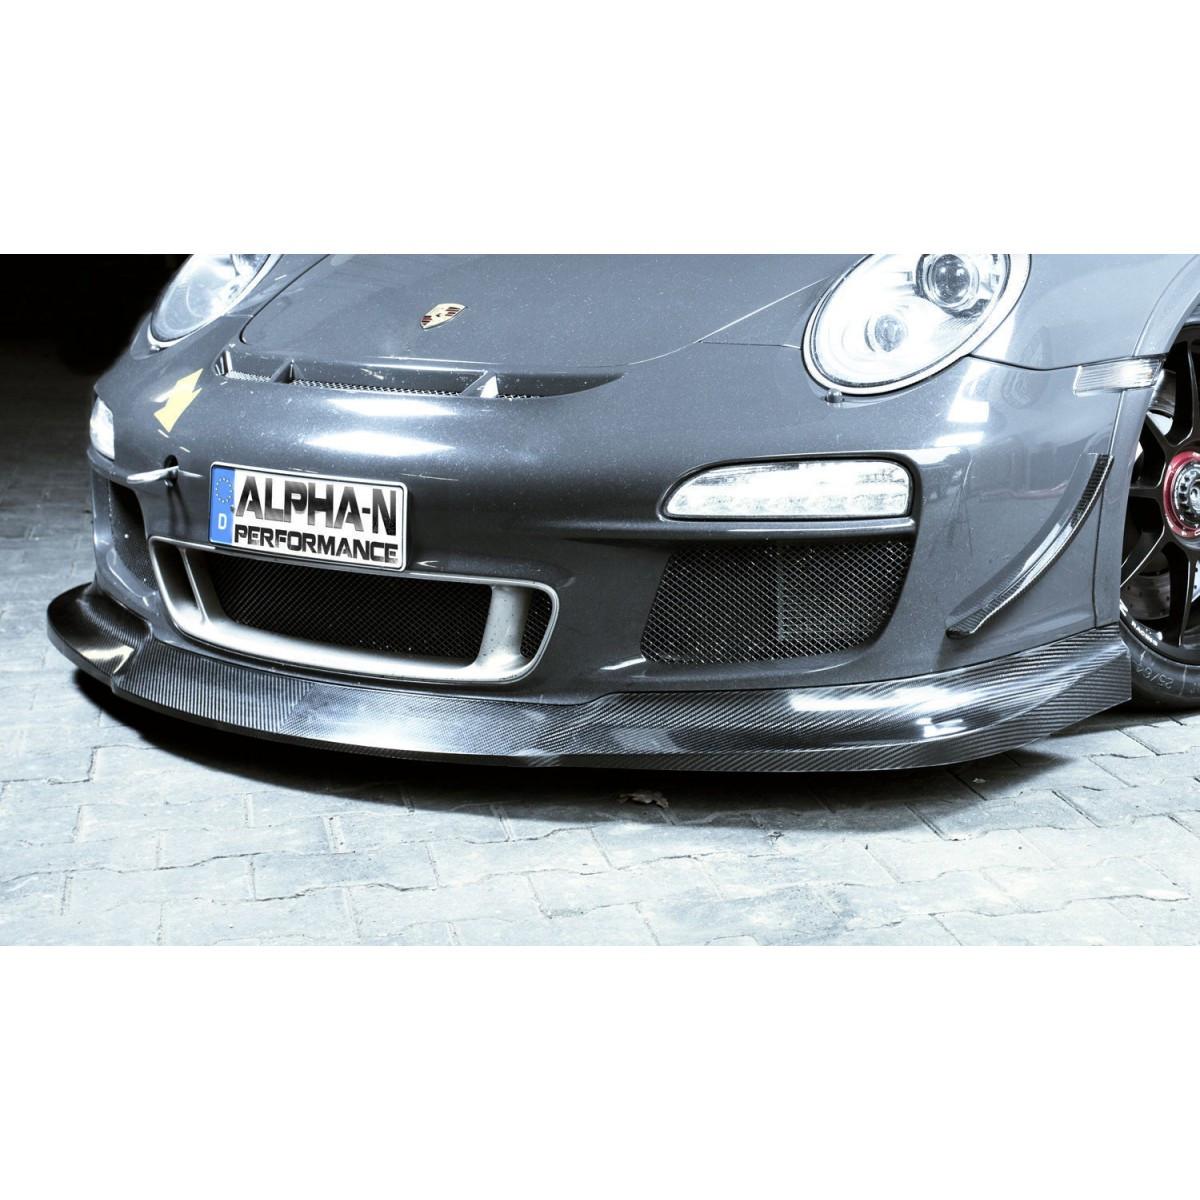 ALPHA-N Przedni spoiler 911 997 GT3 RS